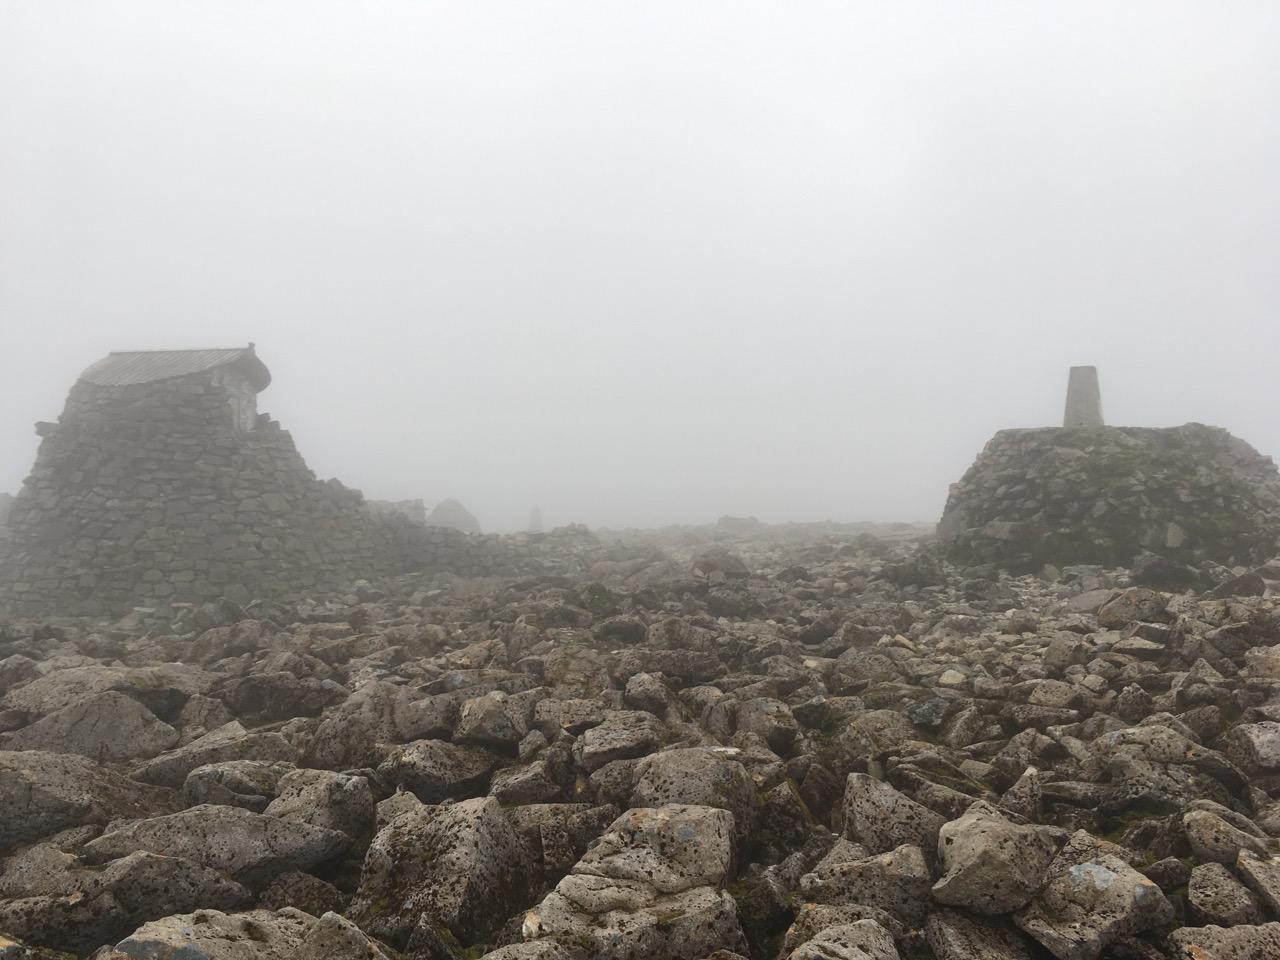 终于登顶了,差点喜极而泣,山顶是一块堆满石头的平地